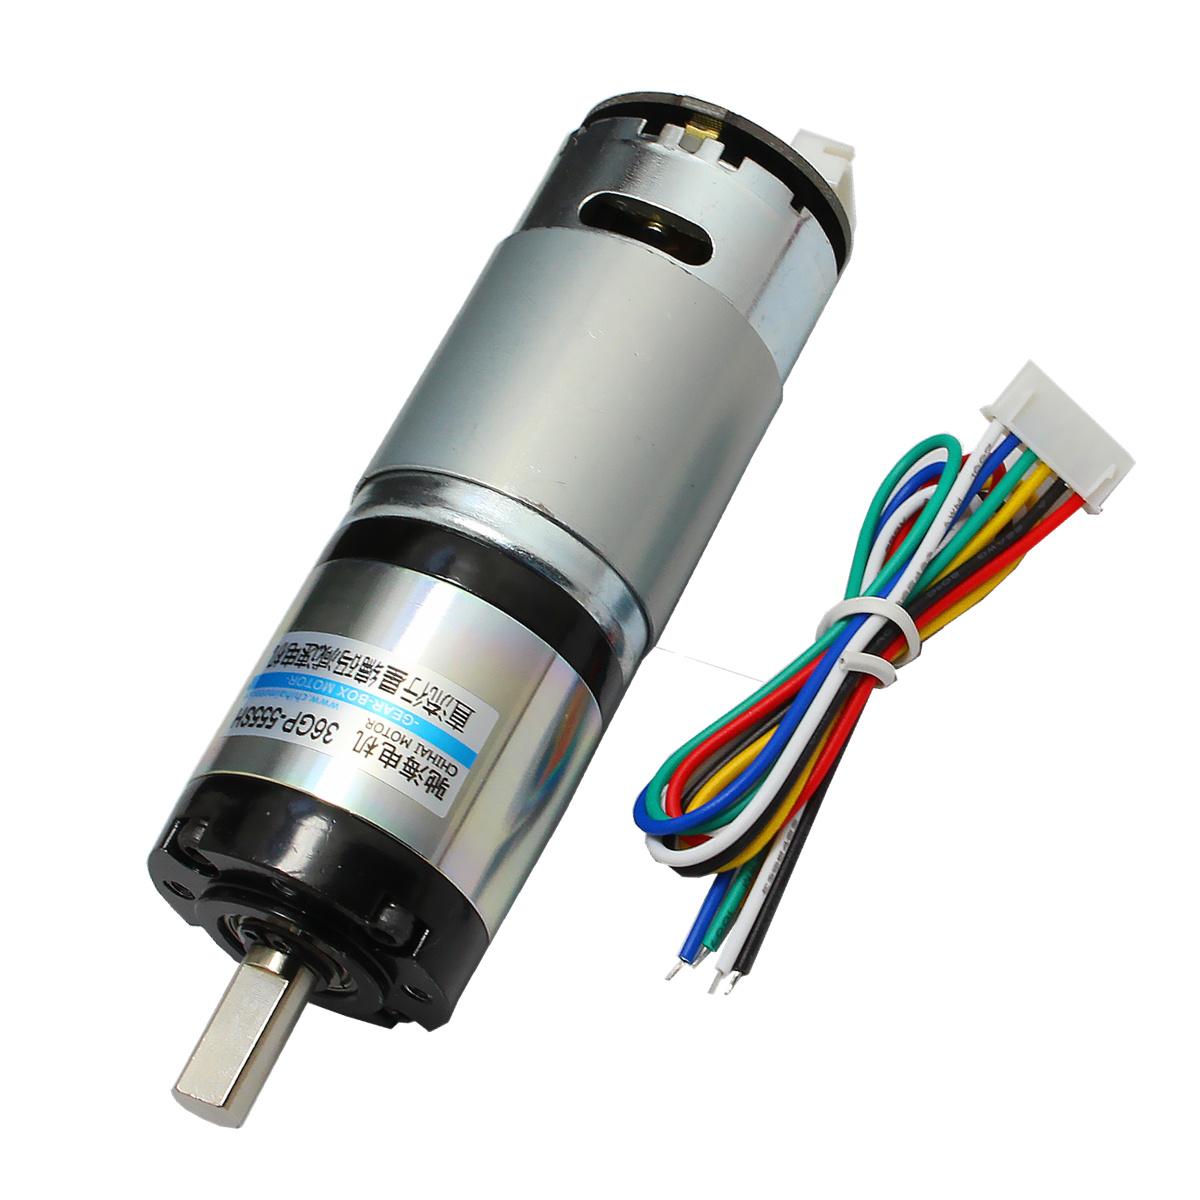 厂家直销直径36mm 36GP-555行星减速电机带霍尔码盘编码12-24V